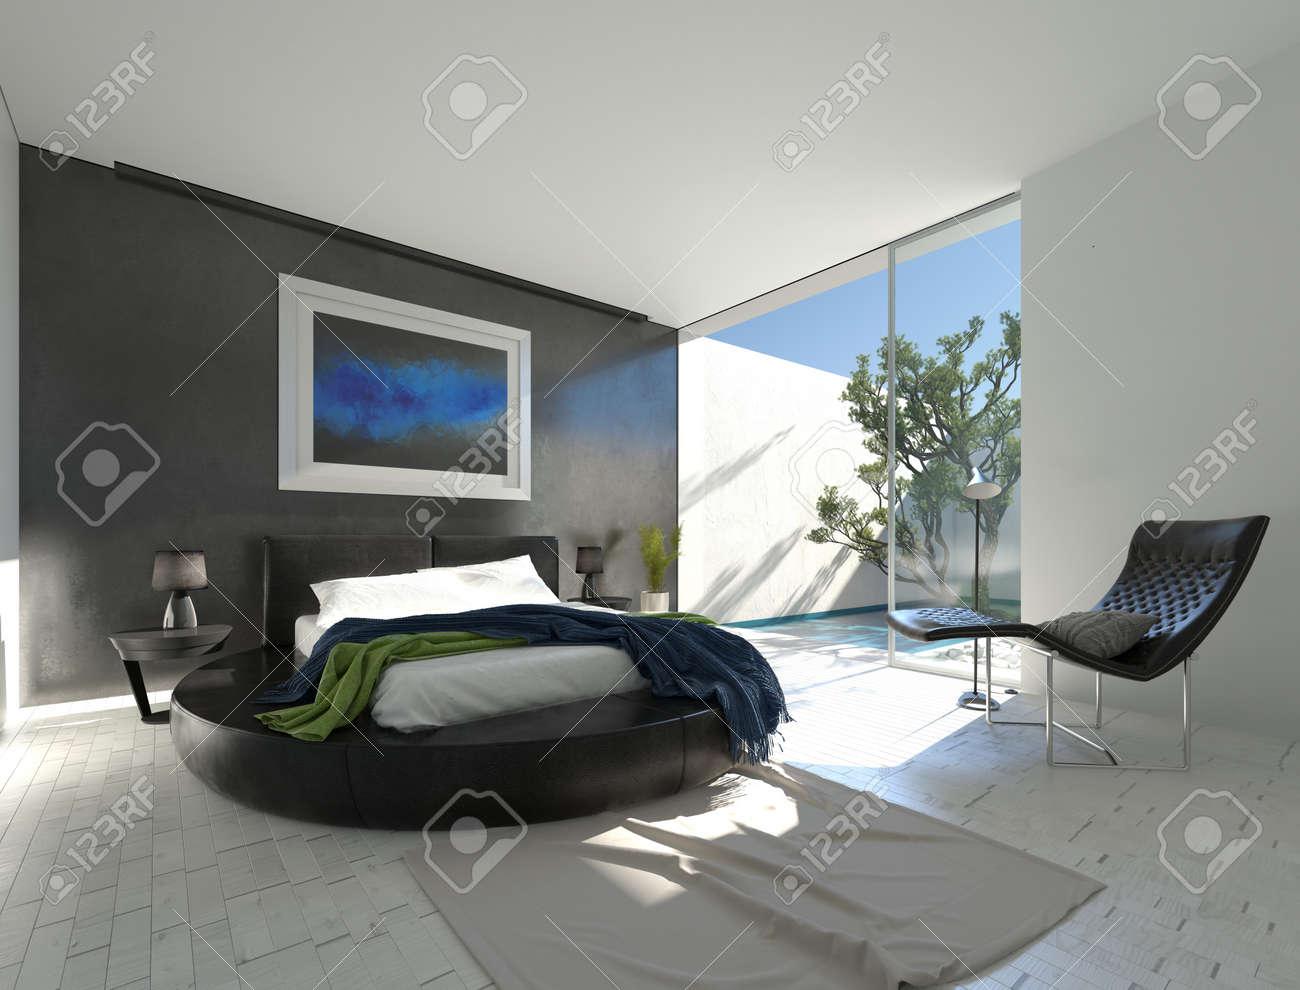 Moderne Luxus Schlafzimmer | Moderne Luxus Schlafzimmer Mit Schwarzem Leder Und Grauen Und Weissen